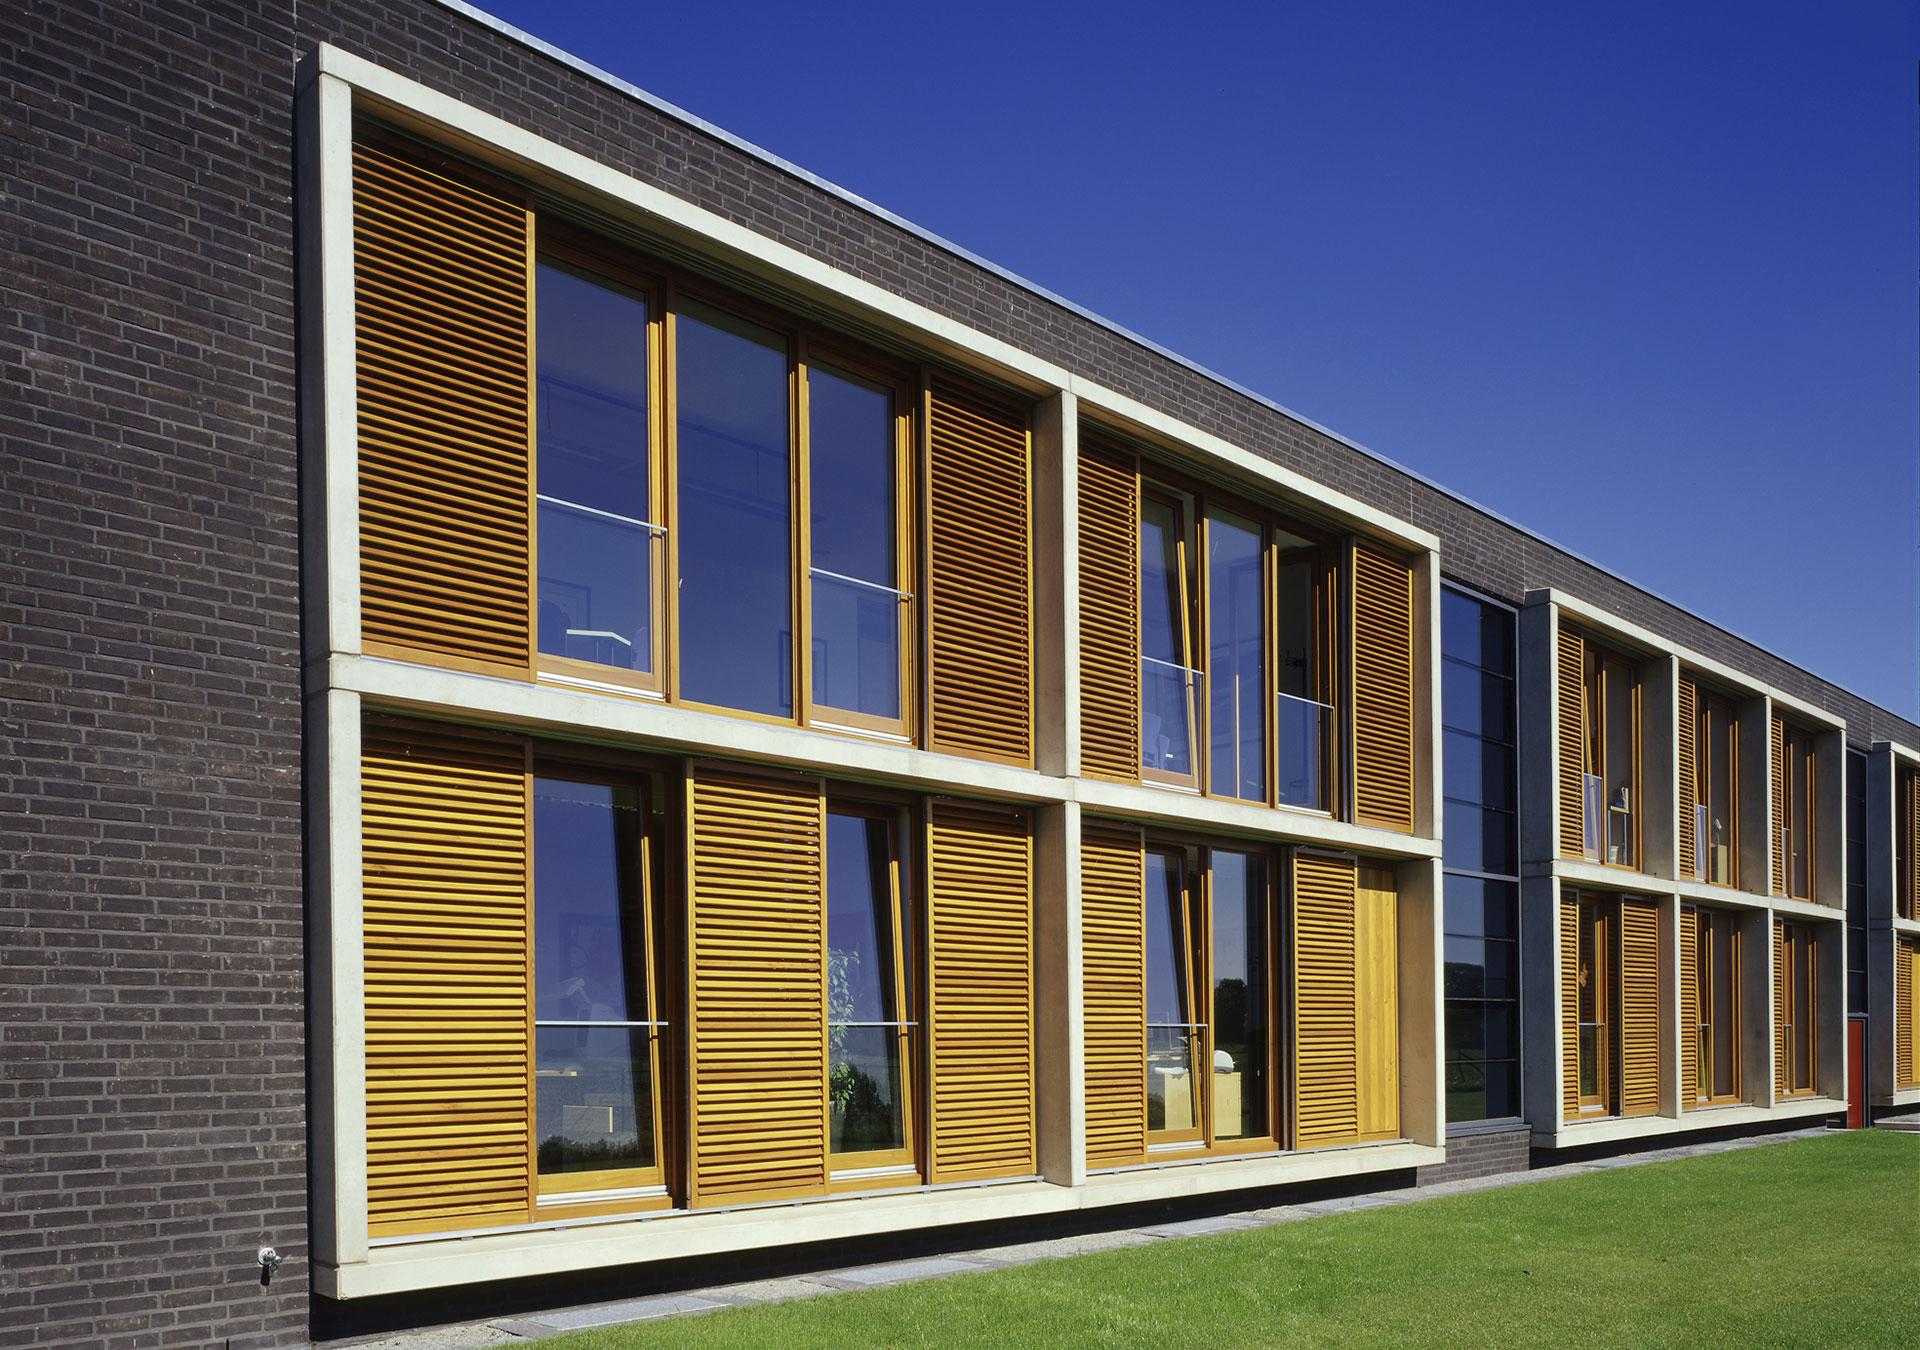 Architekten Kleve wohngruppe peiterstrasse kleve wrede architekten